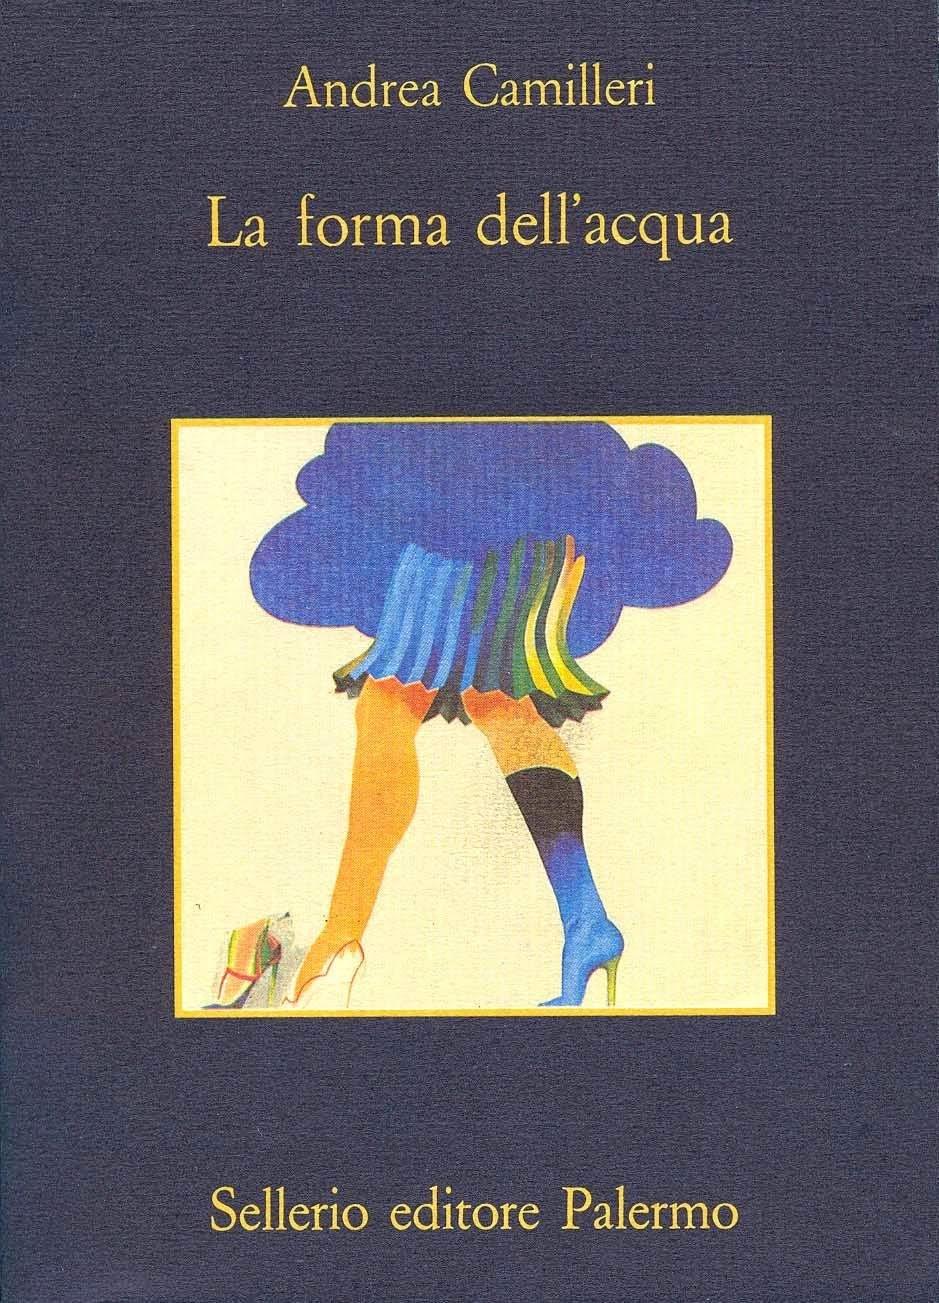 http://www.amazon.com/forma-dellacqua-memoria-Italian-ebook/dp/B0085WLBOE